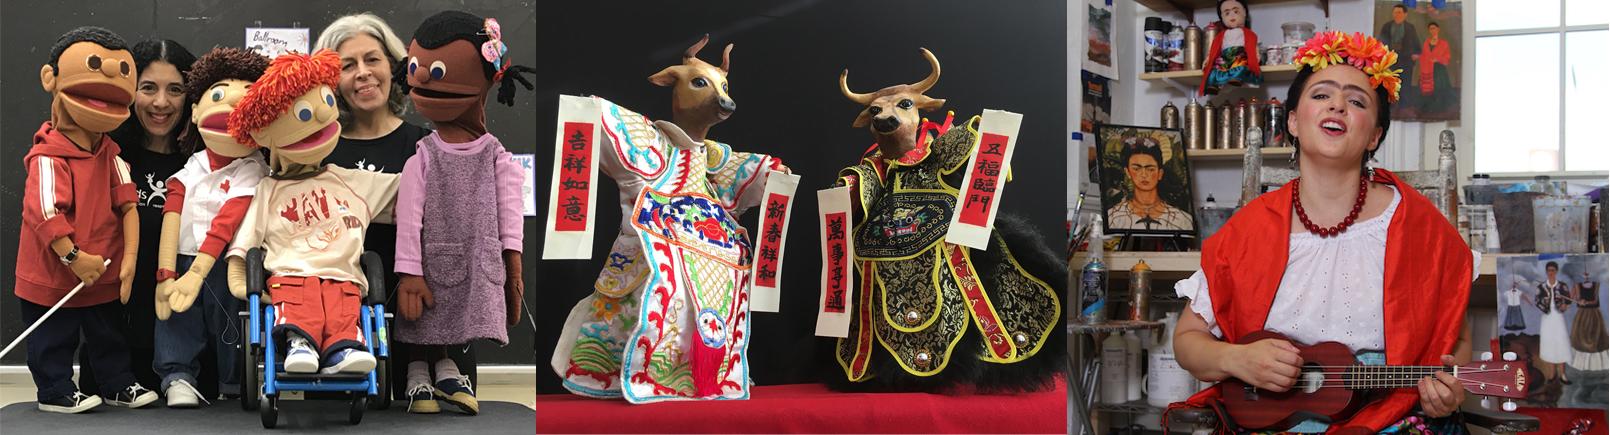 Imágenes de marionetas e intérpretes de NYC Kids Project, Chinese Theatre Works y Teatro SEA.